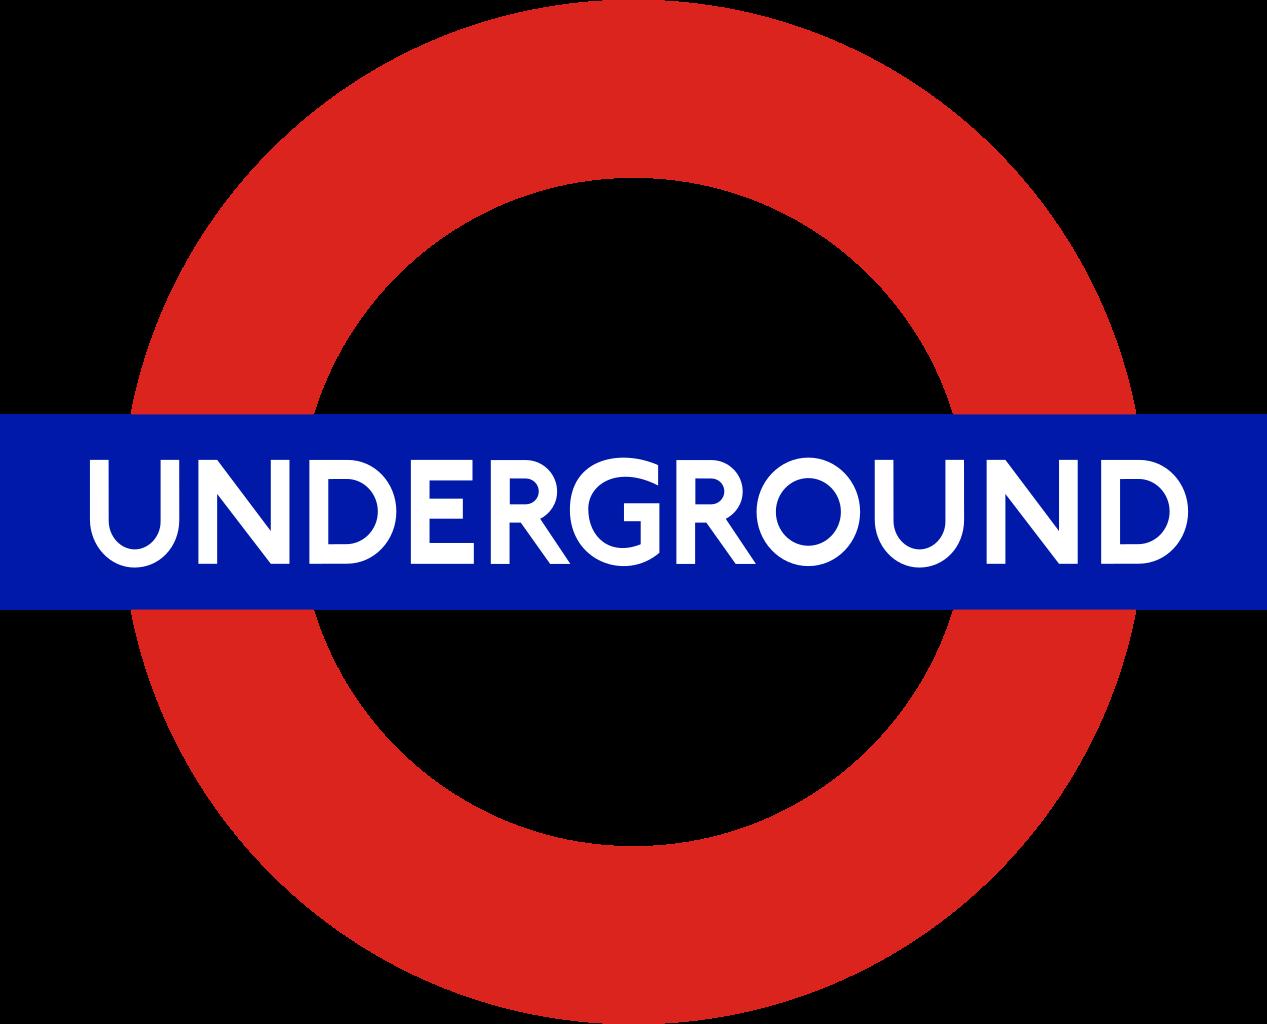 File:Underground.svg.